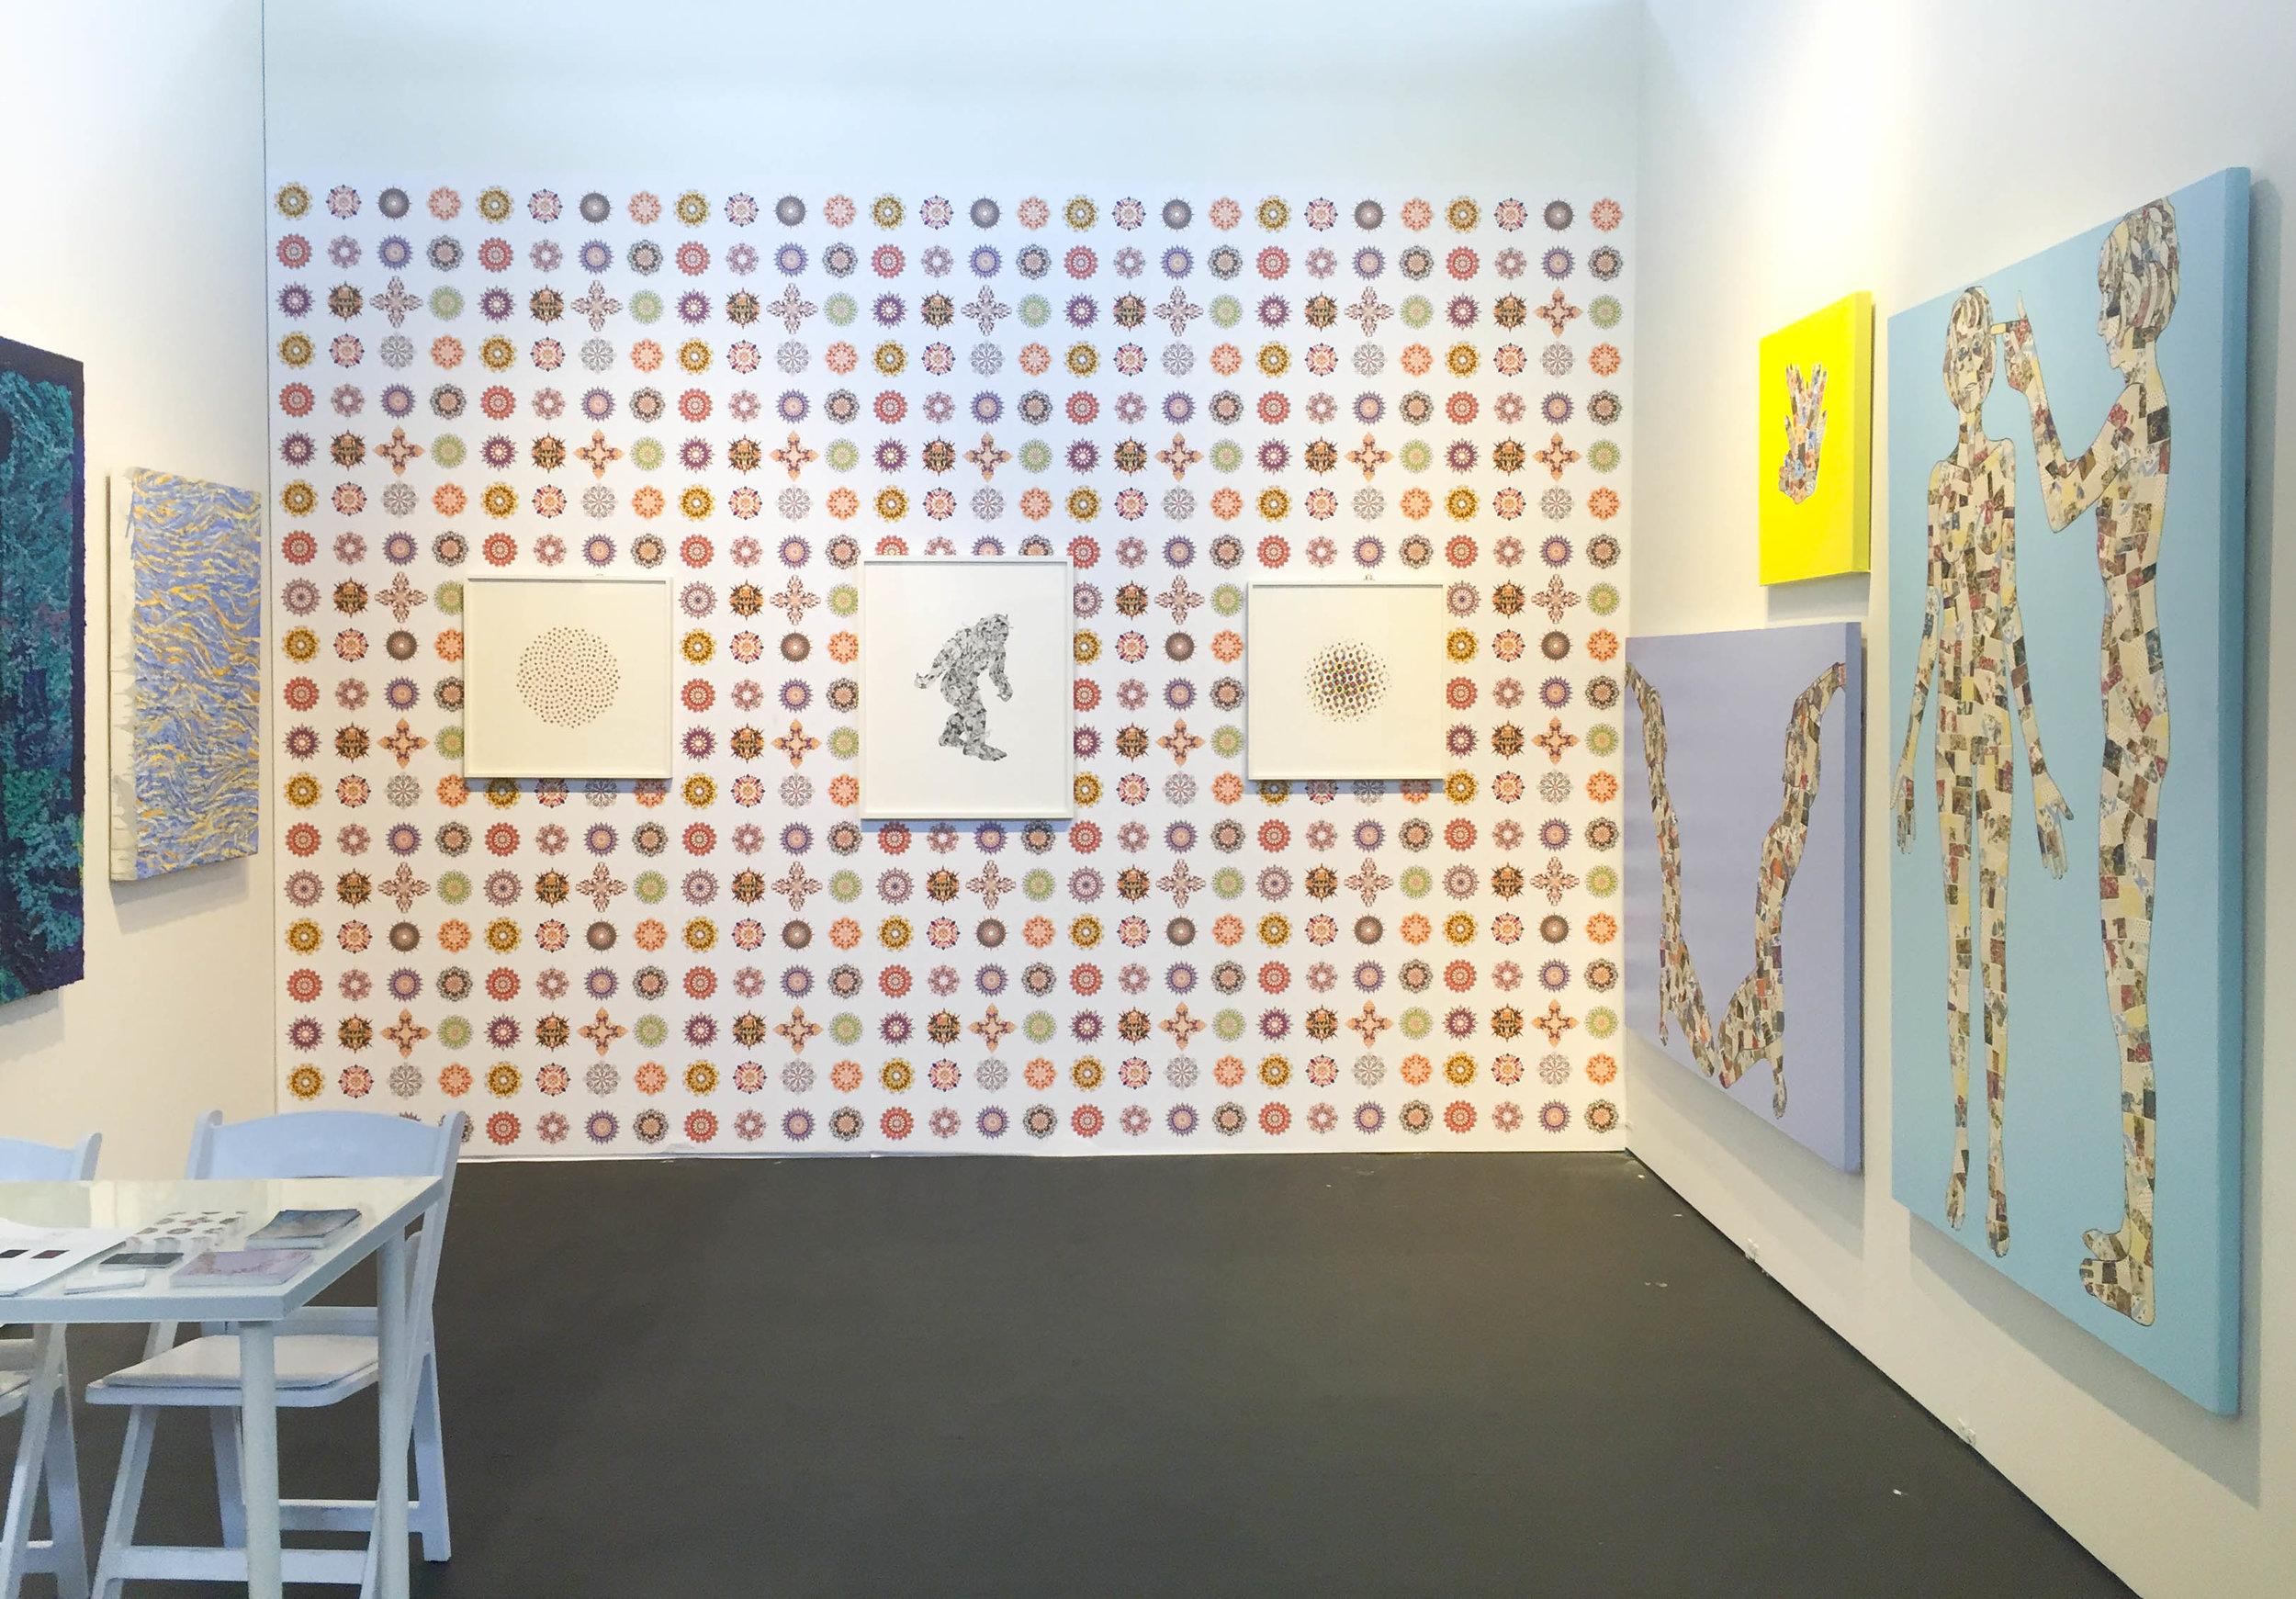 ART MARKET SAN FRANCISCO  April 27 – 30, 2017